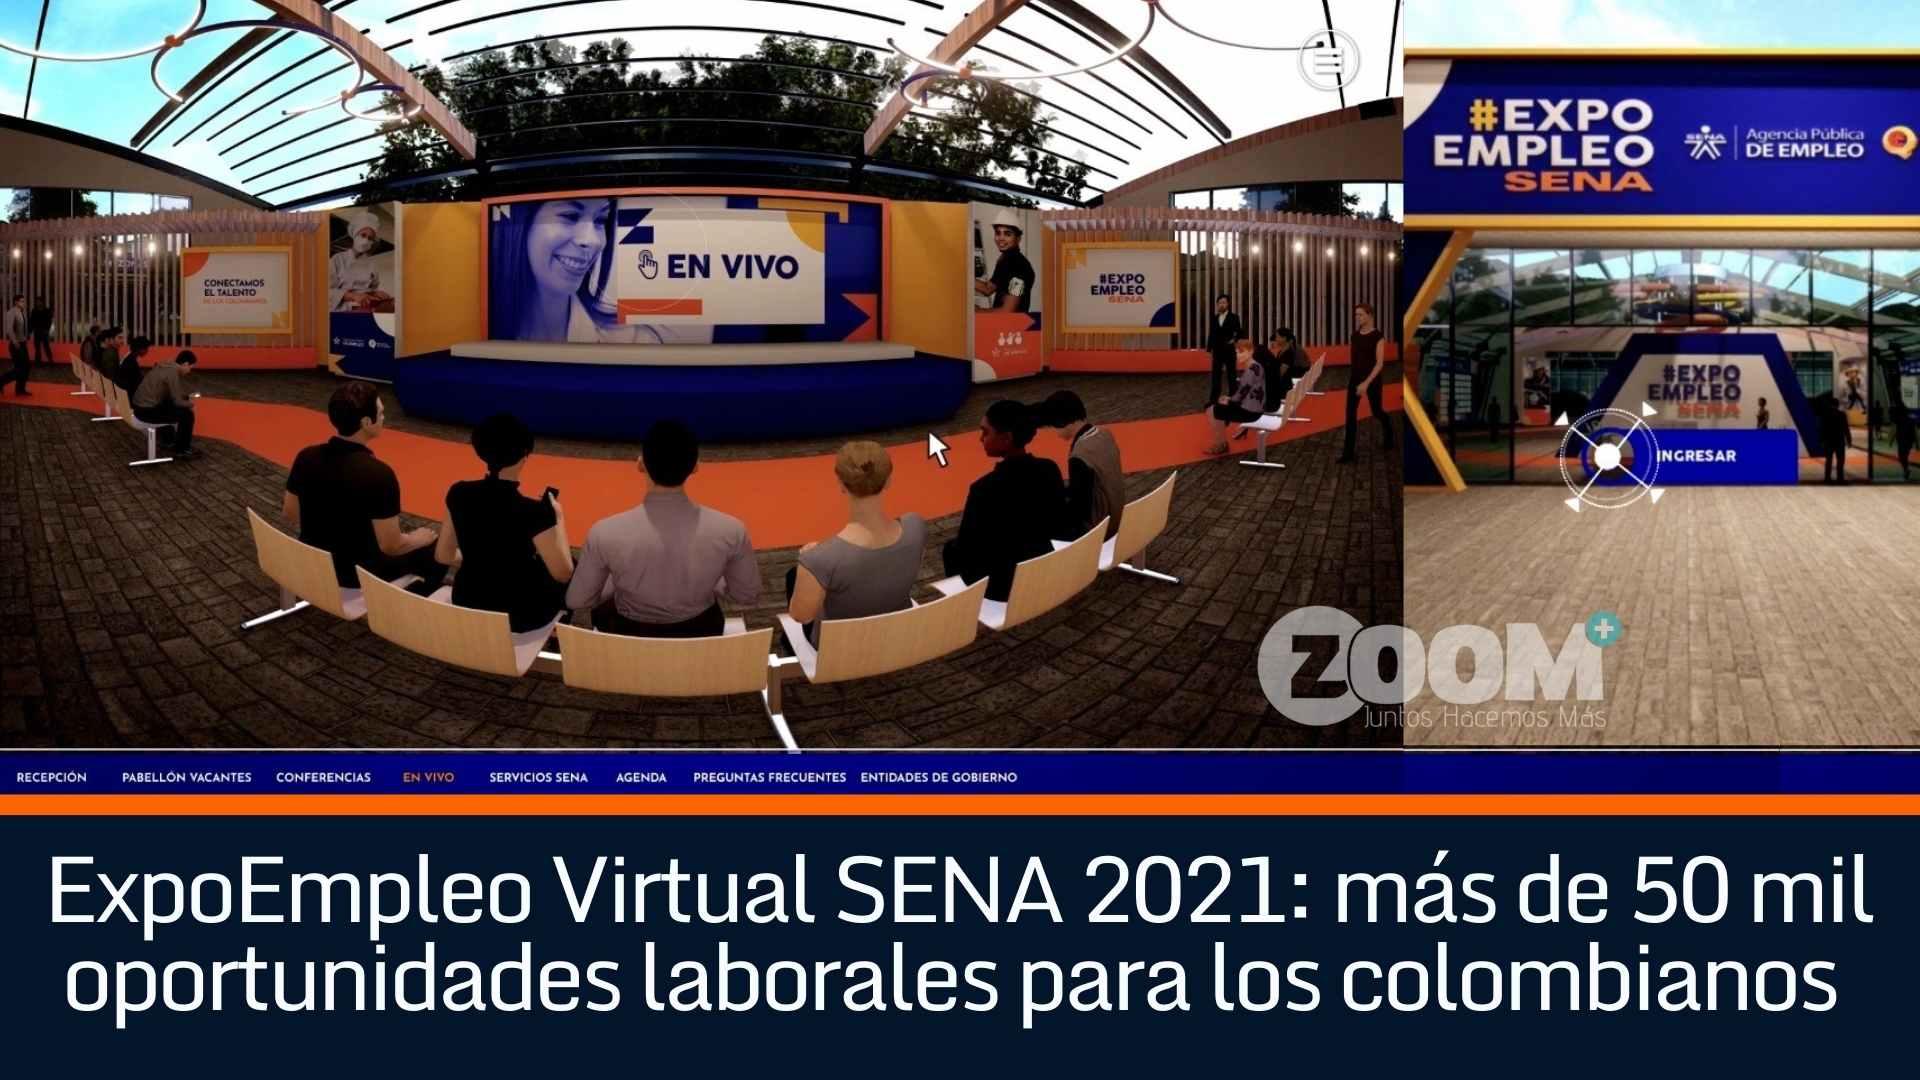 ExpoEmpleo Virtual SENA 2021: más de 50 mil oportunidades laborales para los colombianos